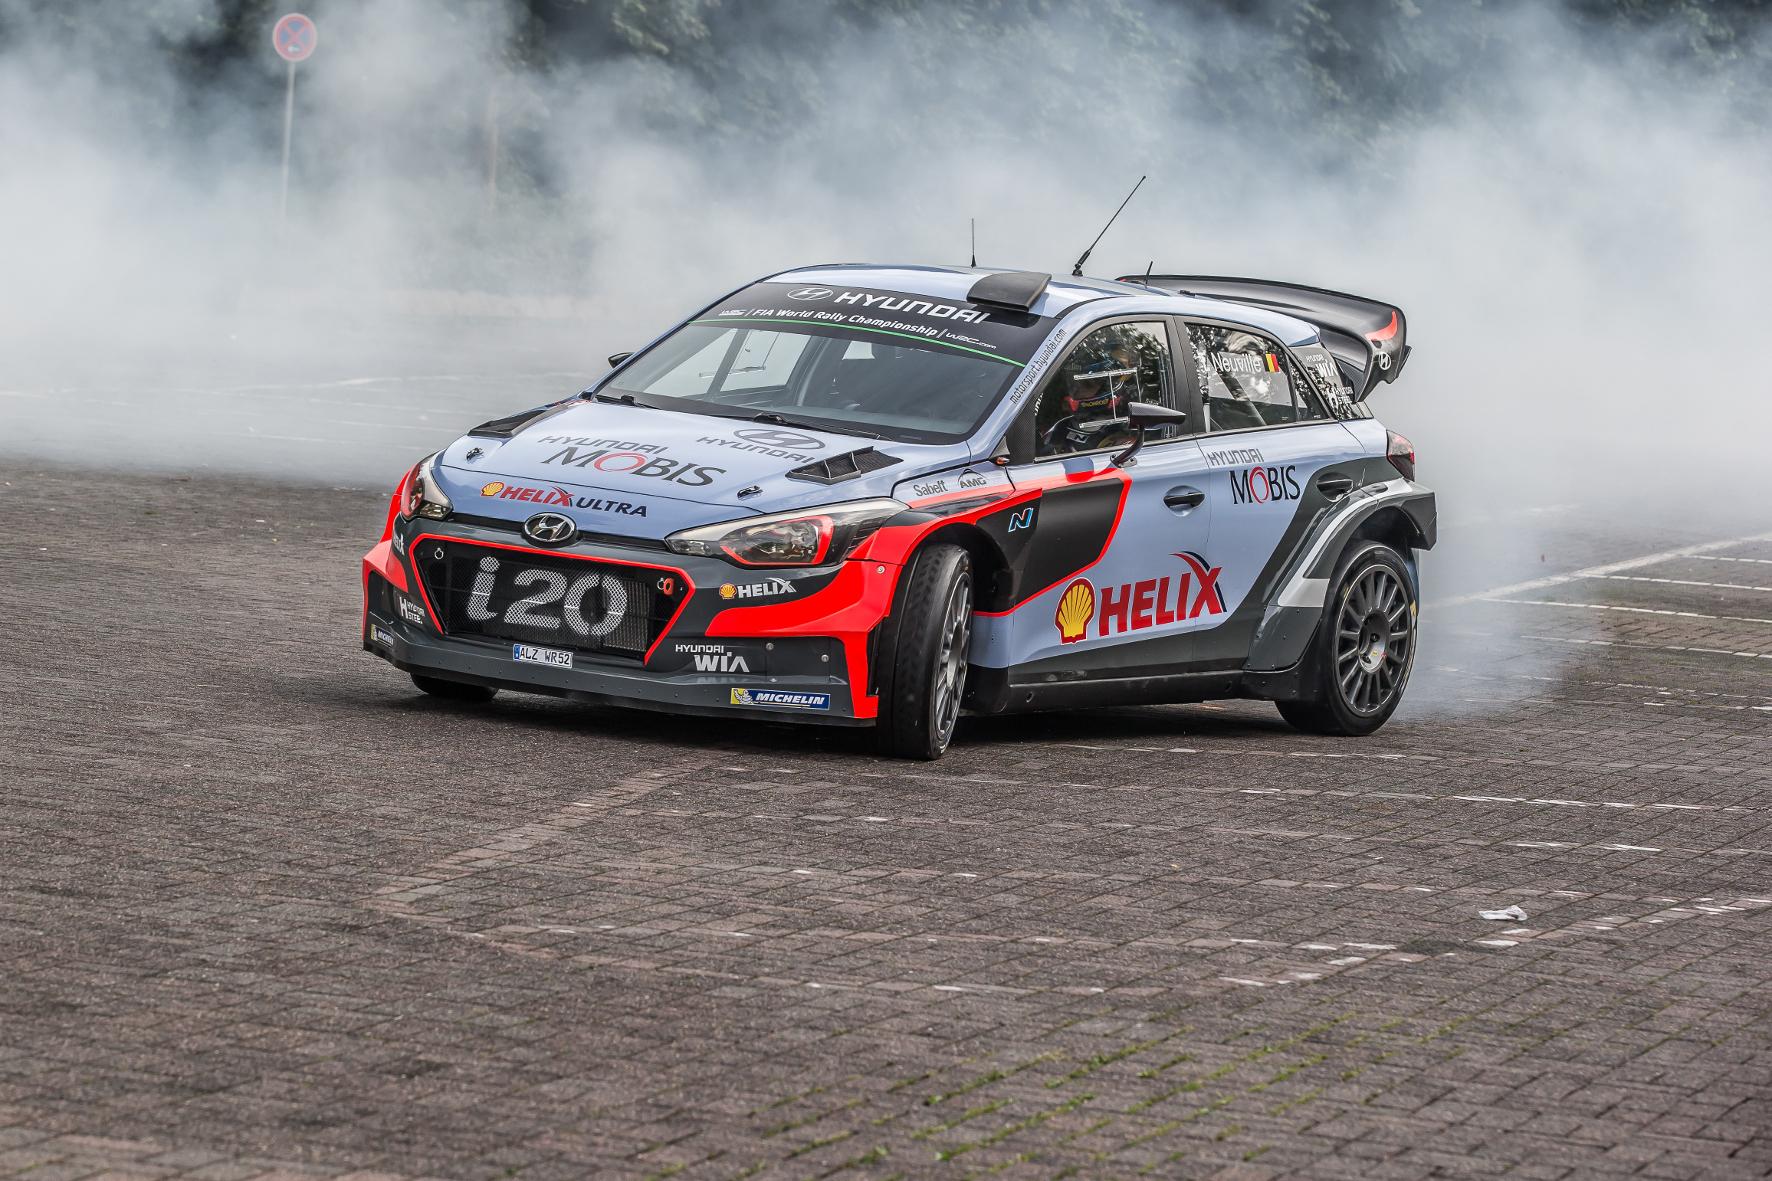 mid Groß-Gerau - Ab geht die wilde Fahrt: Im Rahmen der ADAC Deutschland Rallye in Trier veranstaltet Hyundai Renntaxi-Fahrten mit dem Rallye-Einsatzfahrzeug i20 WRC.